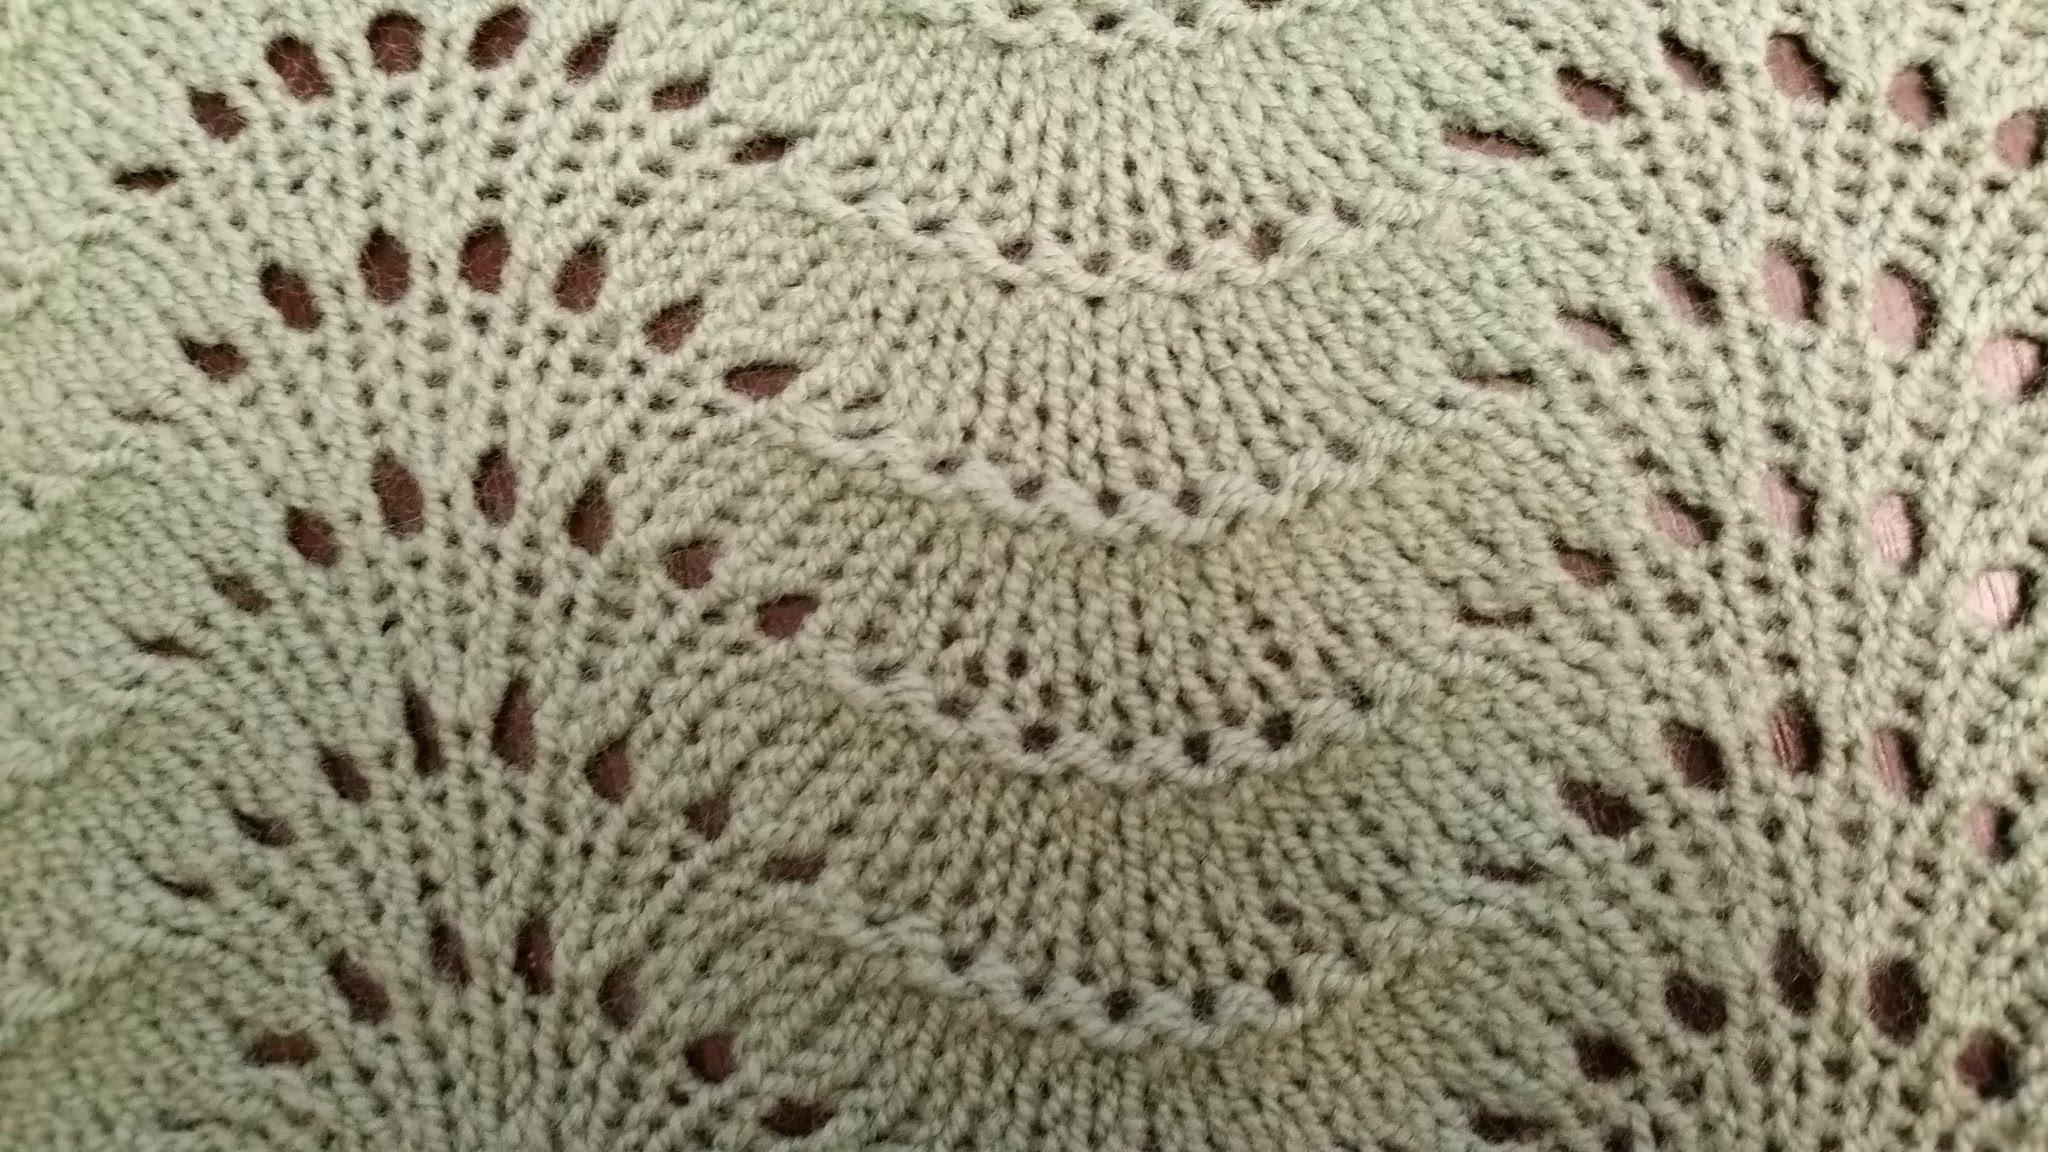 Узоры для вязания спицами. Рельефные, ажурные узоры